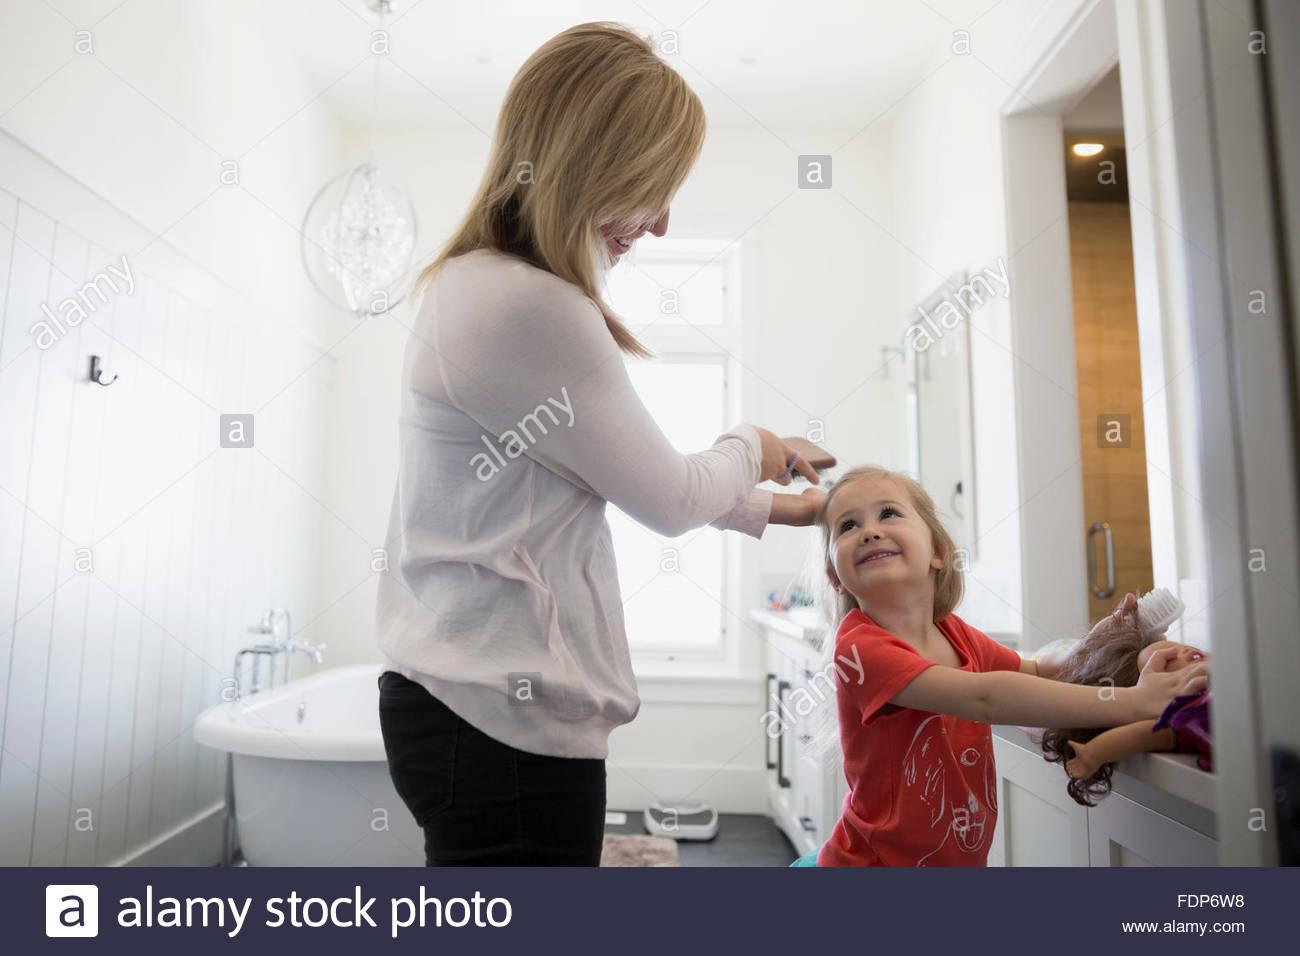 Mutter Bürsten Töchter Haar Bad Stockbild